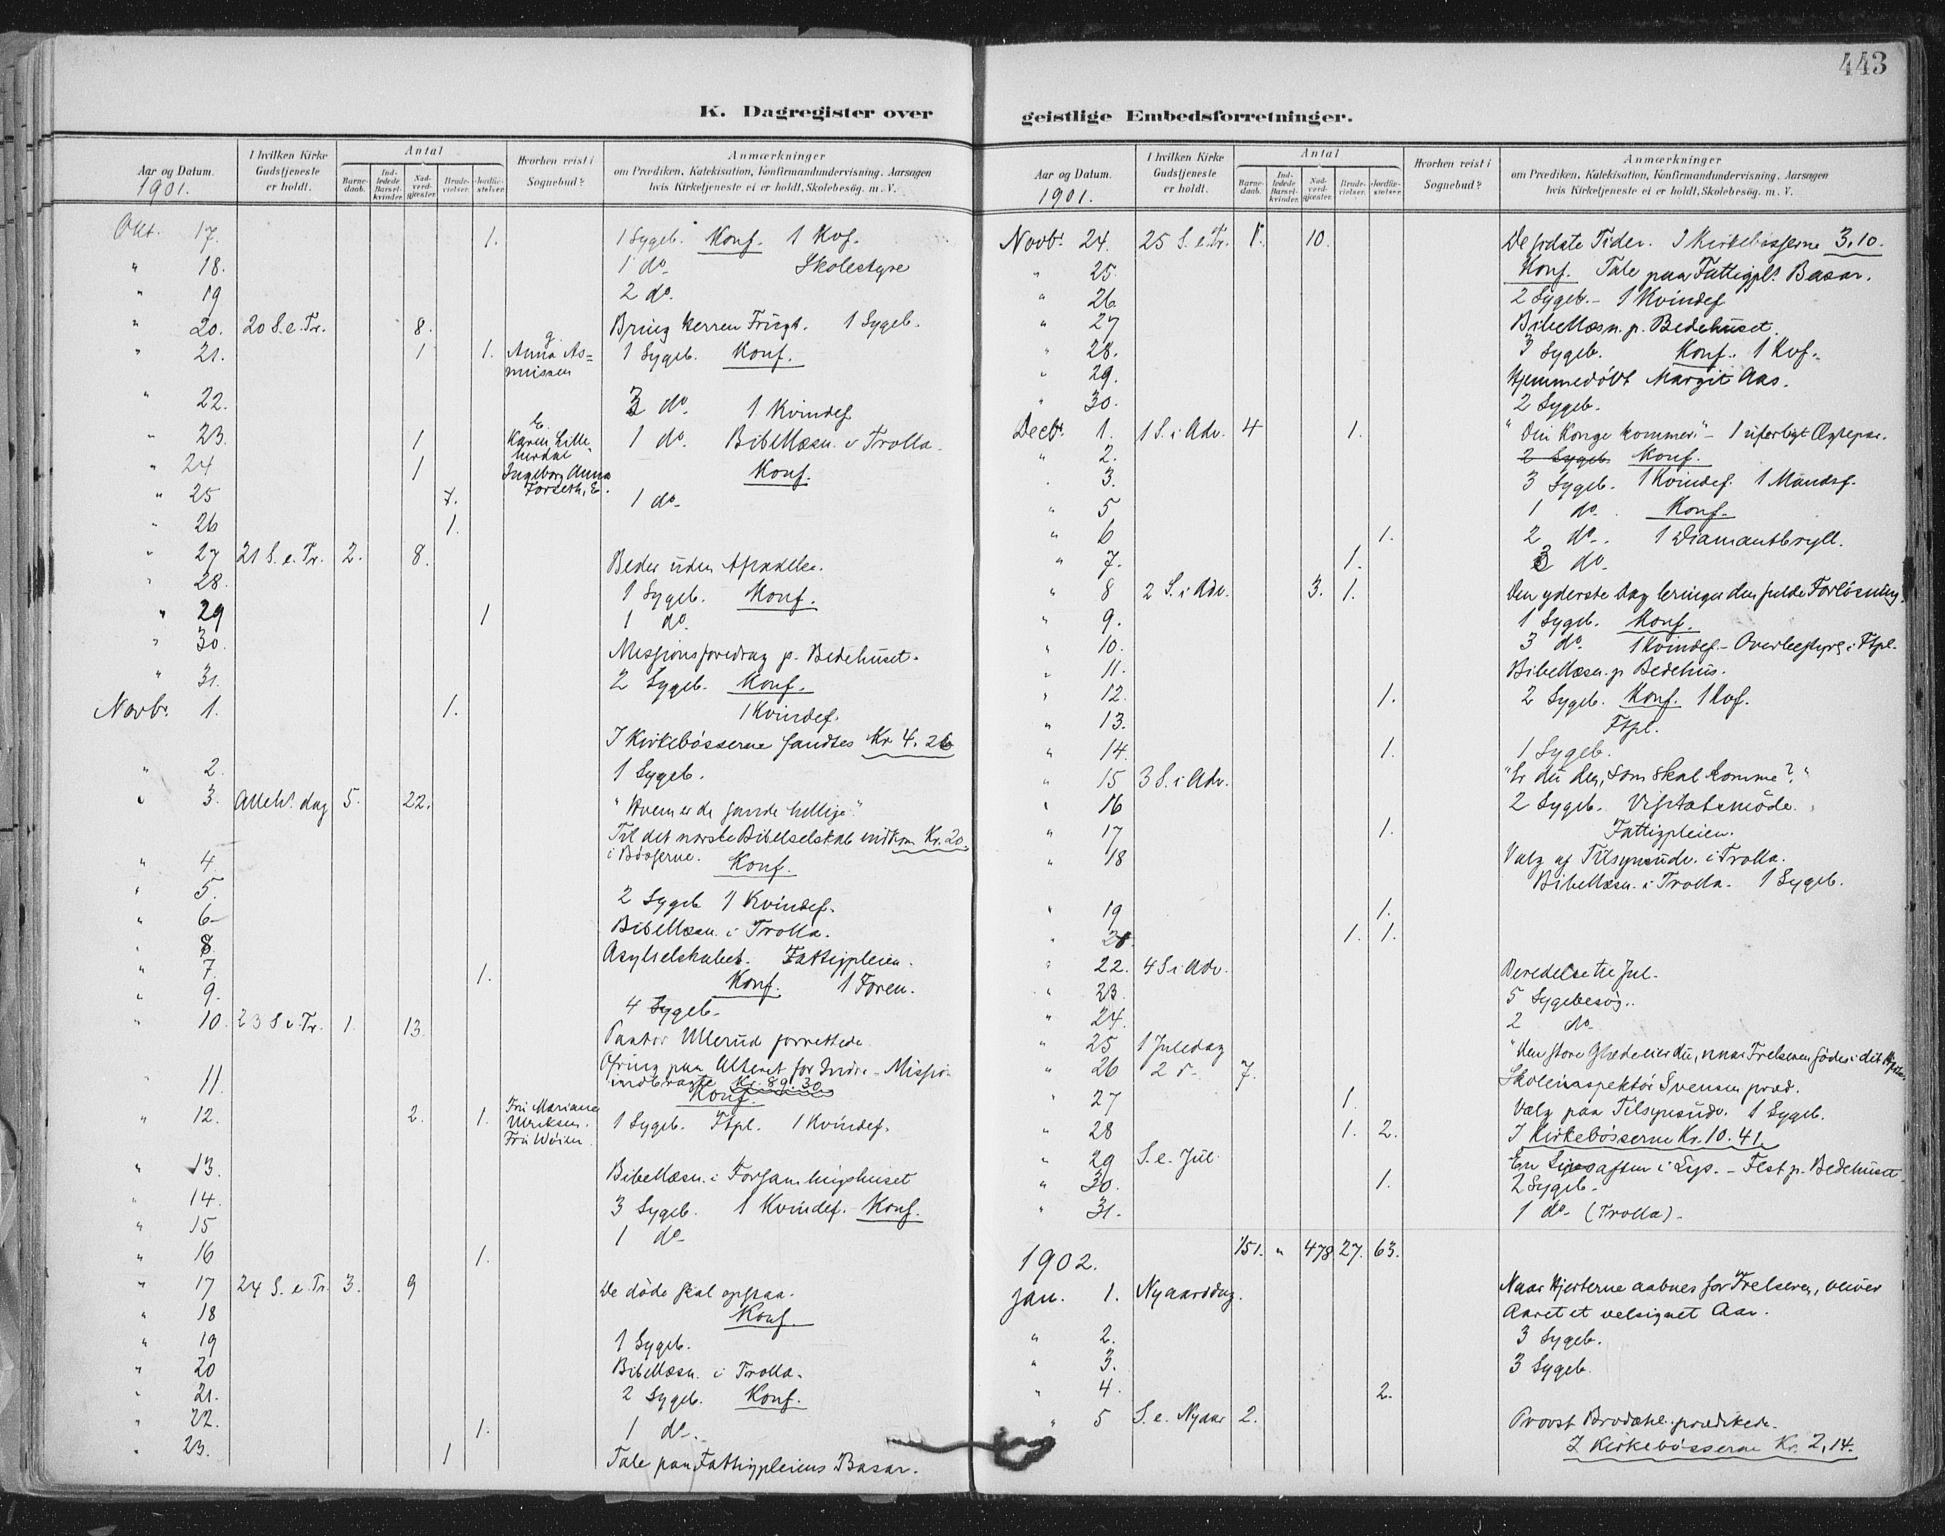 SAT, Ministerialprotokoller, klokkerbøker og fødselsregistre - Sør-Trøndelag, 603/L0167: Ministerialbok nr. 603A06, 1896-1932, s. 443